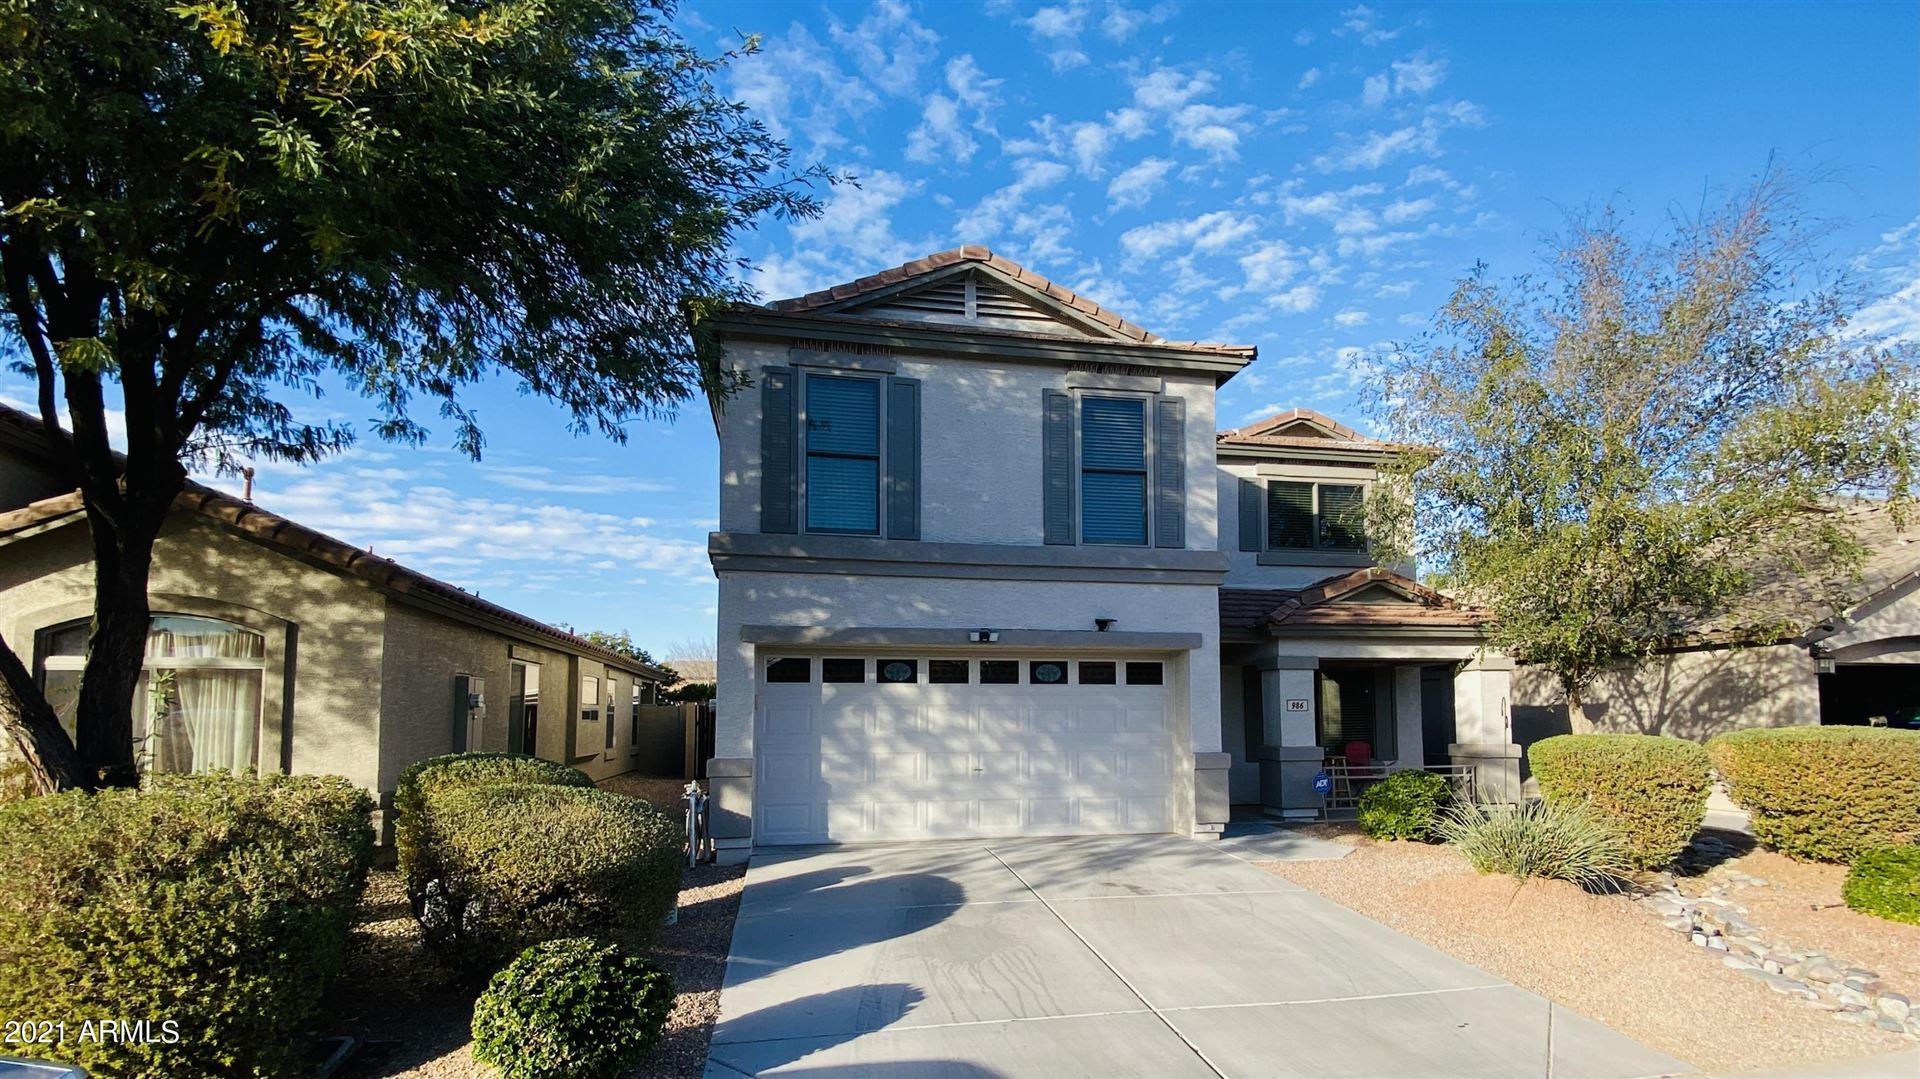 986 E TAYLOR Trail, San Tan Valley, AZ 85143 - MLS#: 6233360